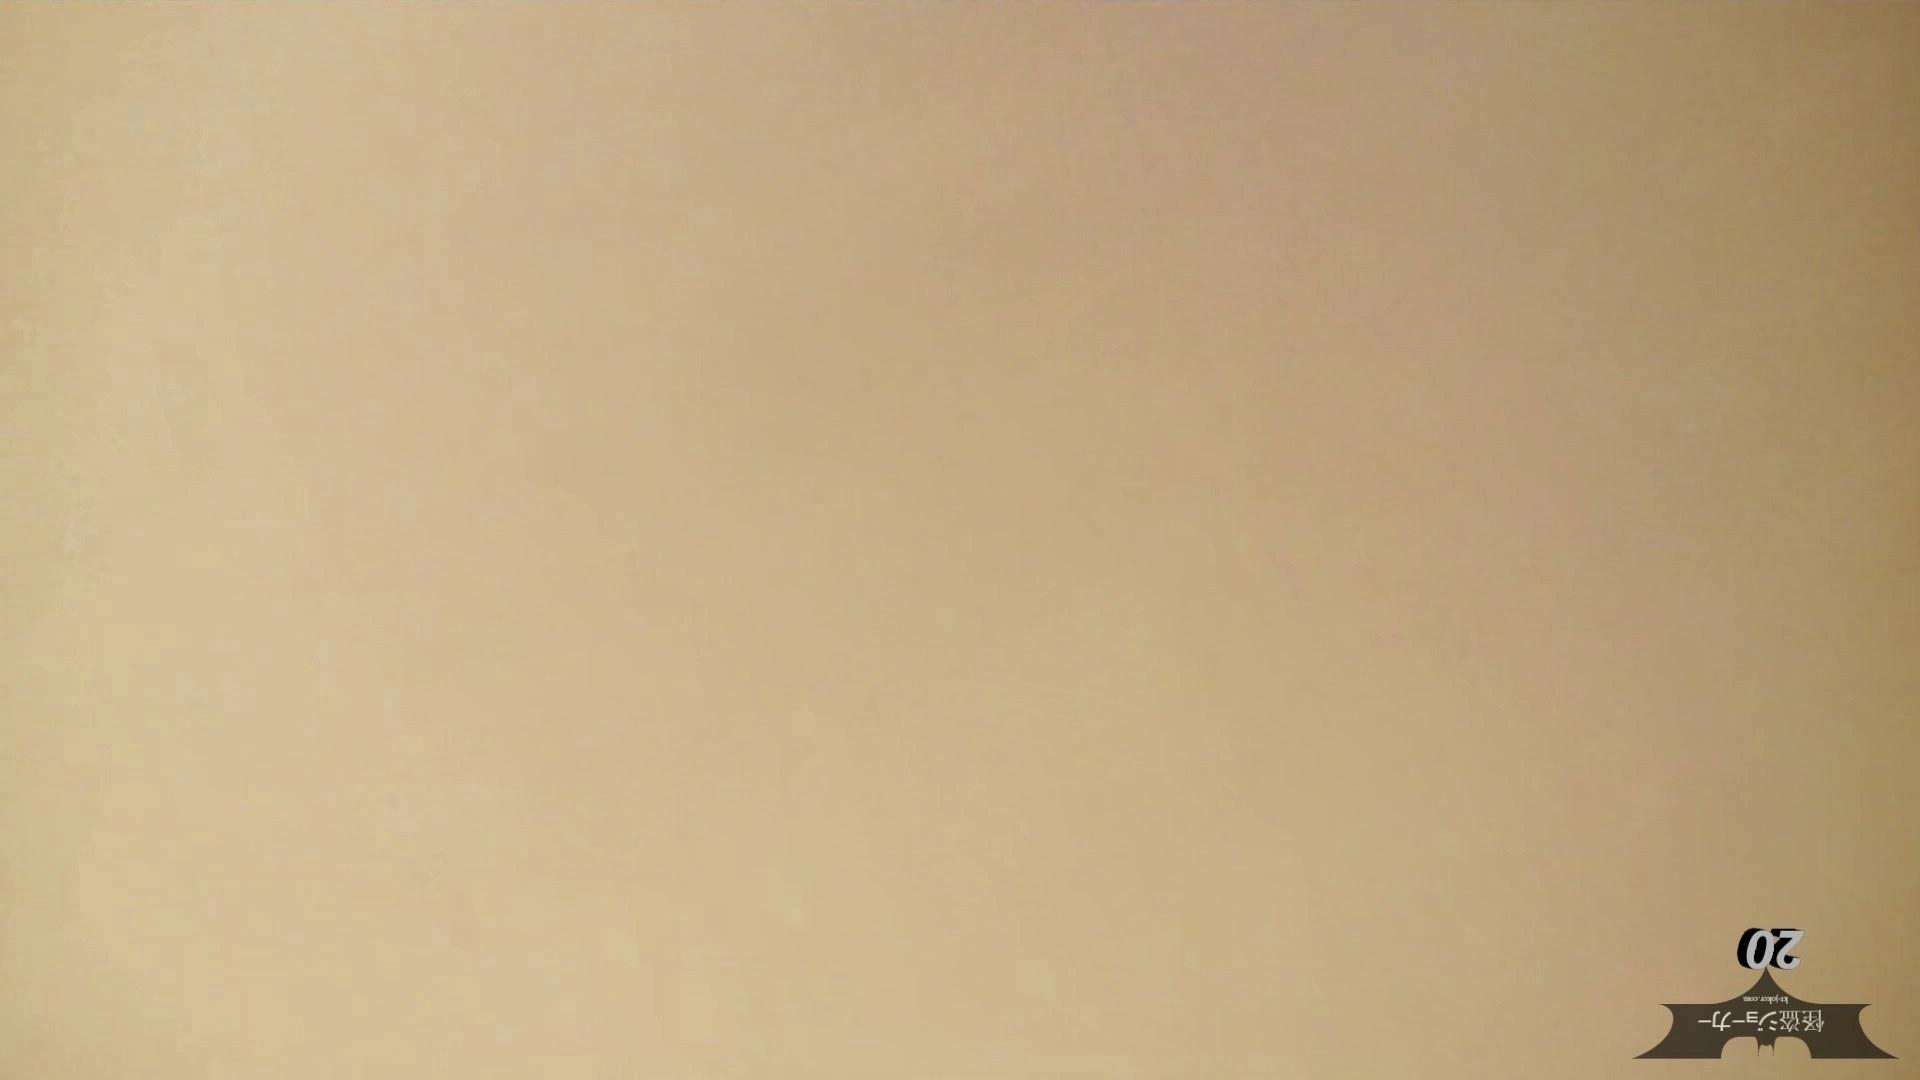 阿国ちゃんの「和式洋式七変化」 (NEW)20 噂の一回で二度オイシイ「W録」! 和式 | 洗面所着替え  41連発 8